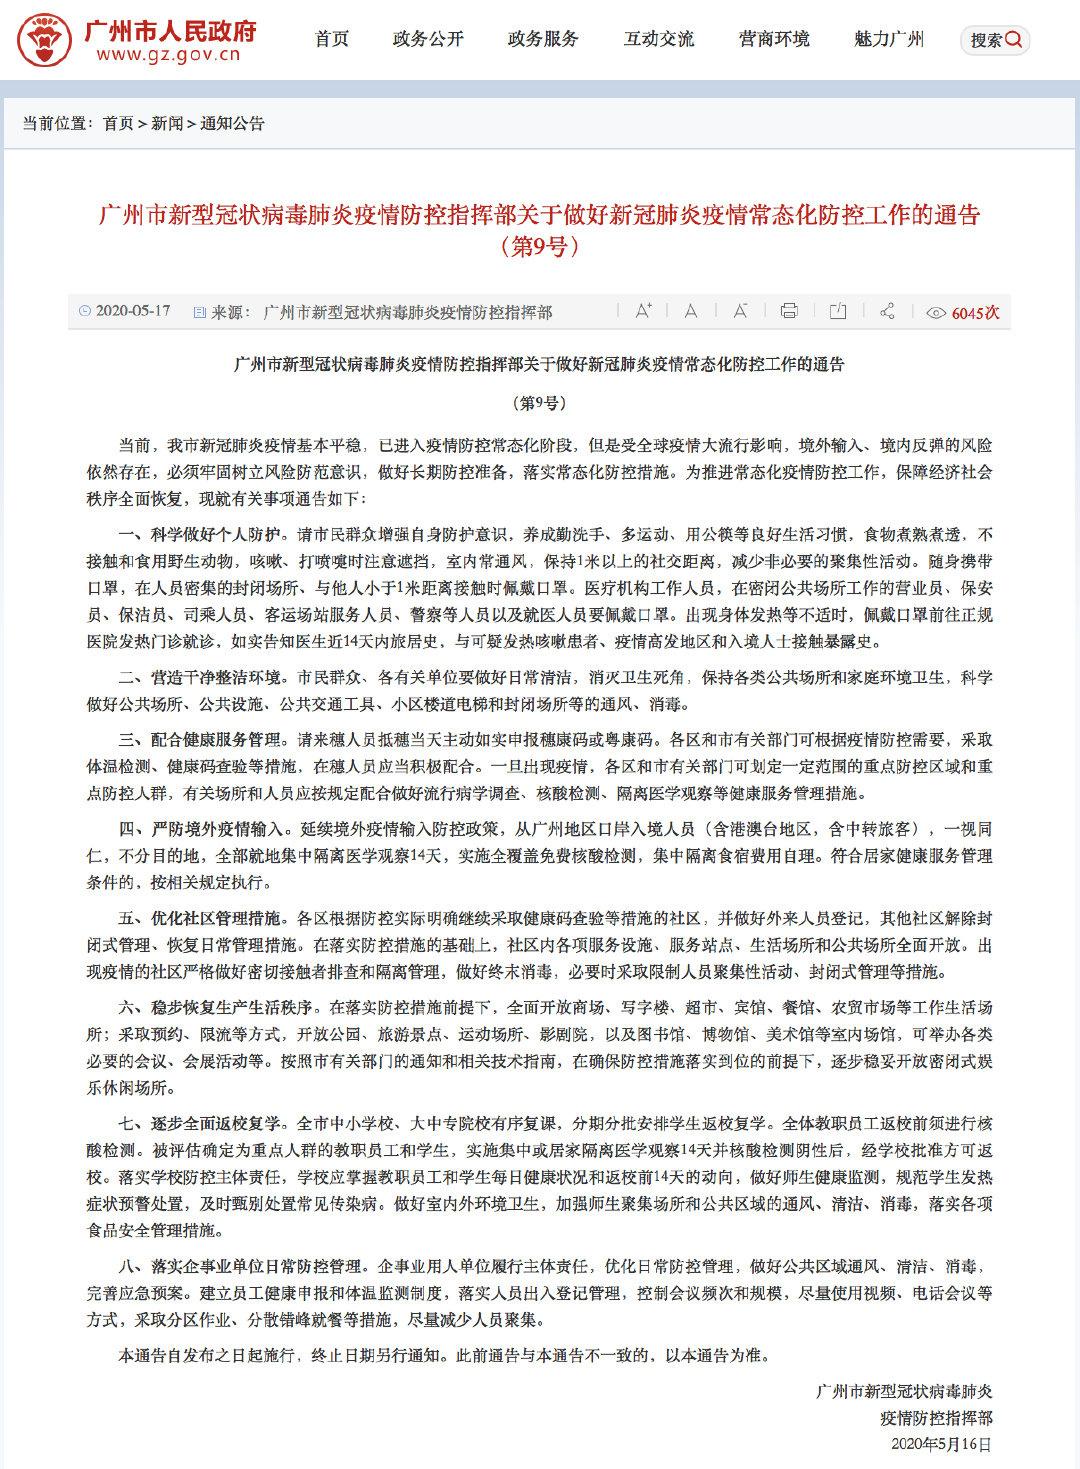 朔州租房网:广州:接纳预约、限流等方式,开放影剧院等场所